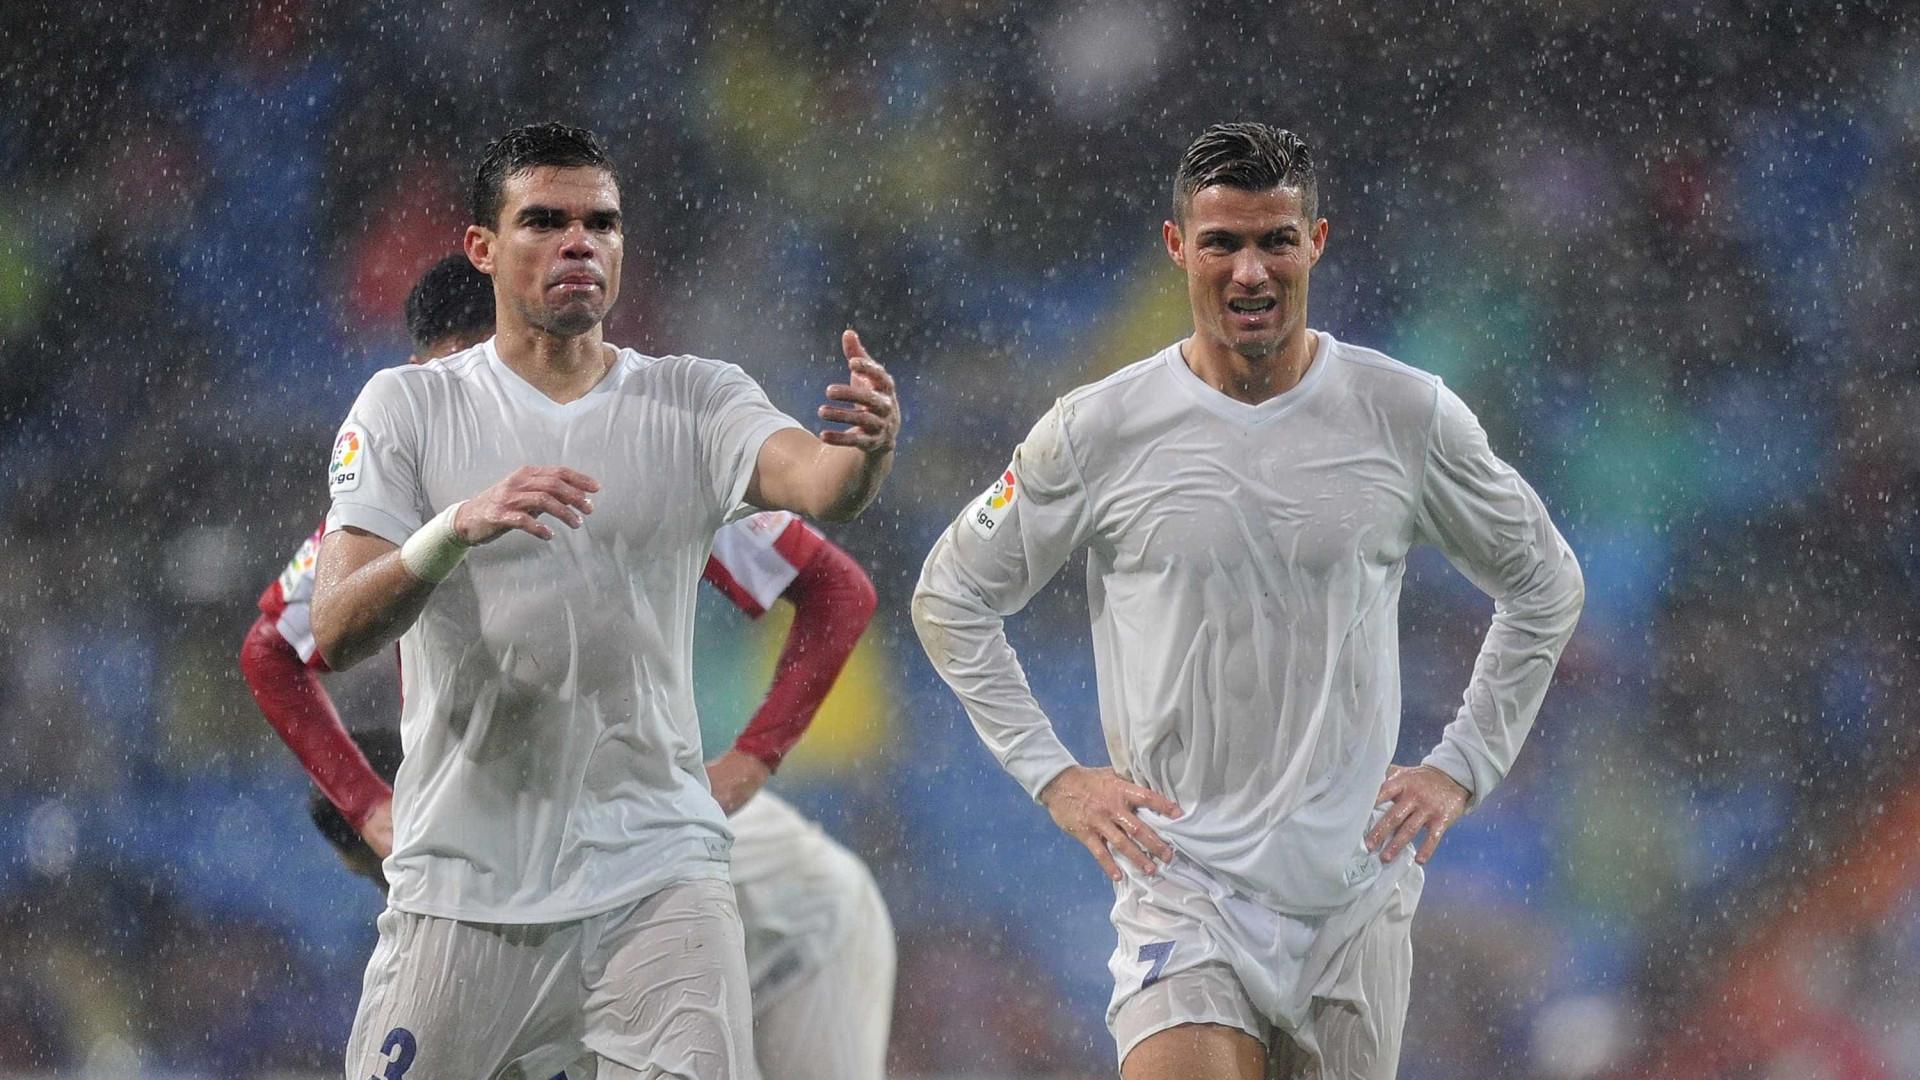 Em Espanha dizem que Pepe quer levar Ronaldo para o PSG